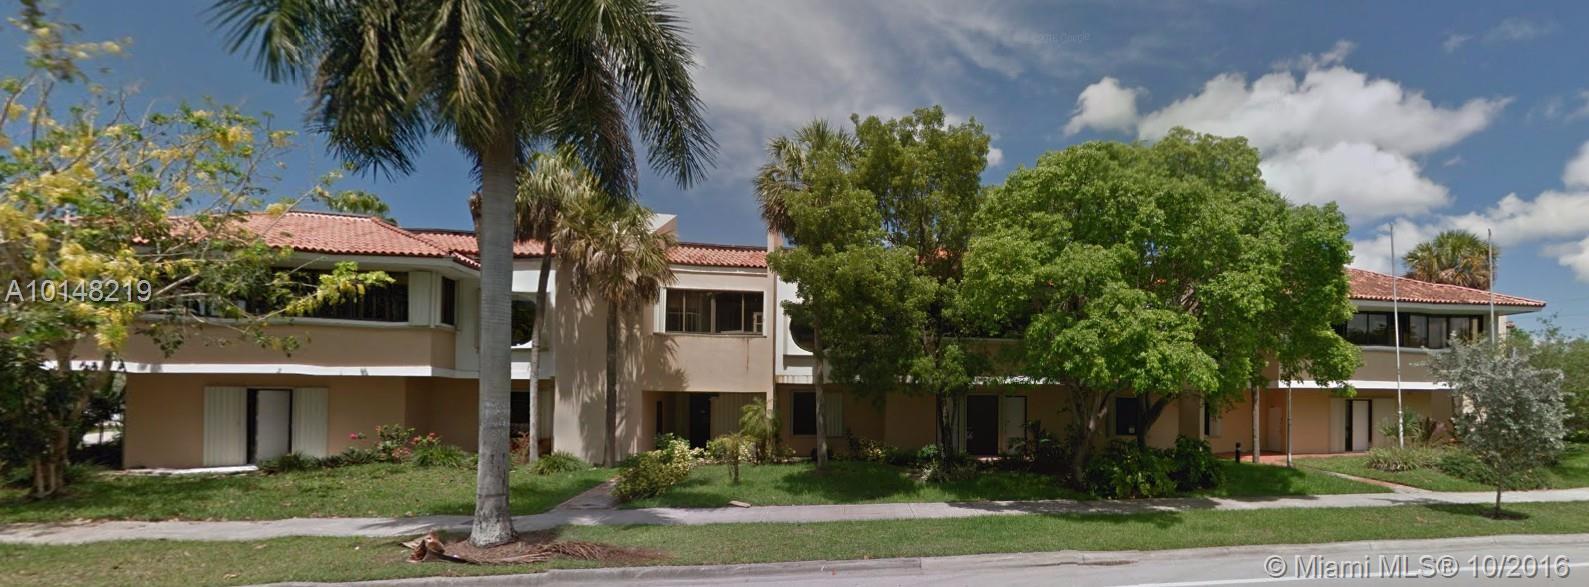 7001 SW 97th Ave, Miami, FL 33173